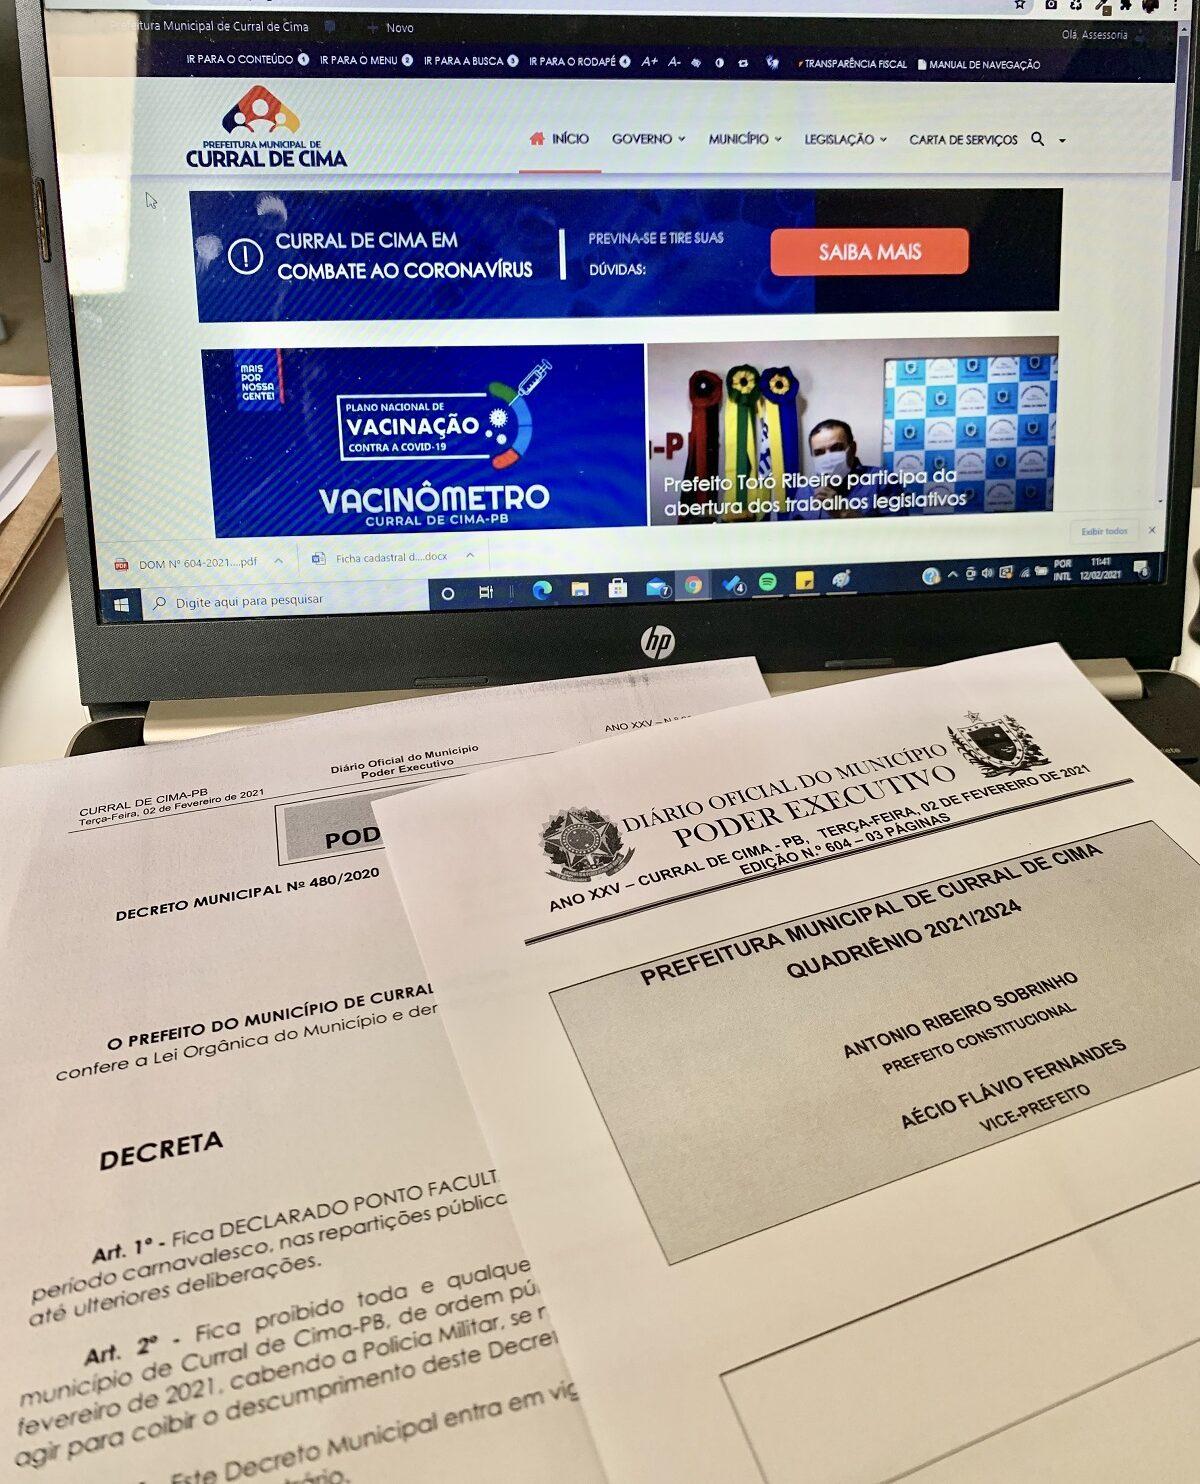 Prefeito decreta ponto facultativo de 15 a 17 de fevereiro e suspende festas de carnaval em Curral de Cima